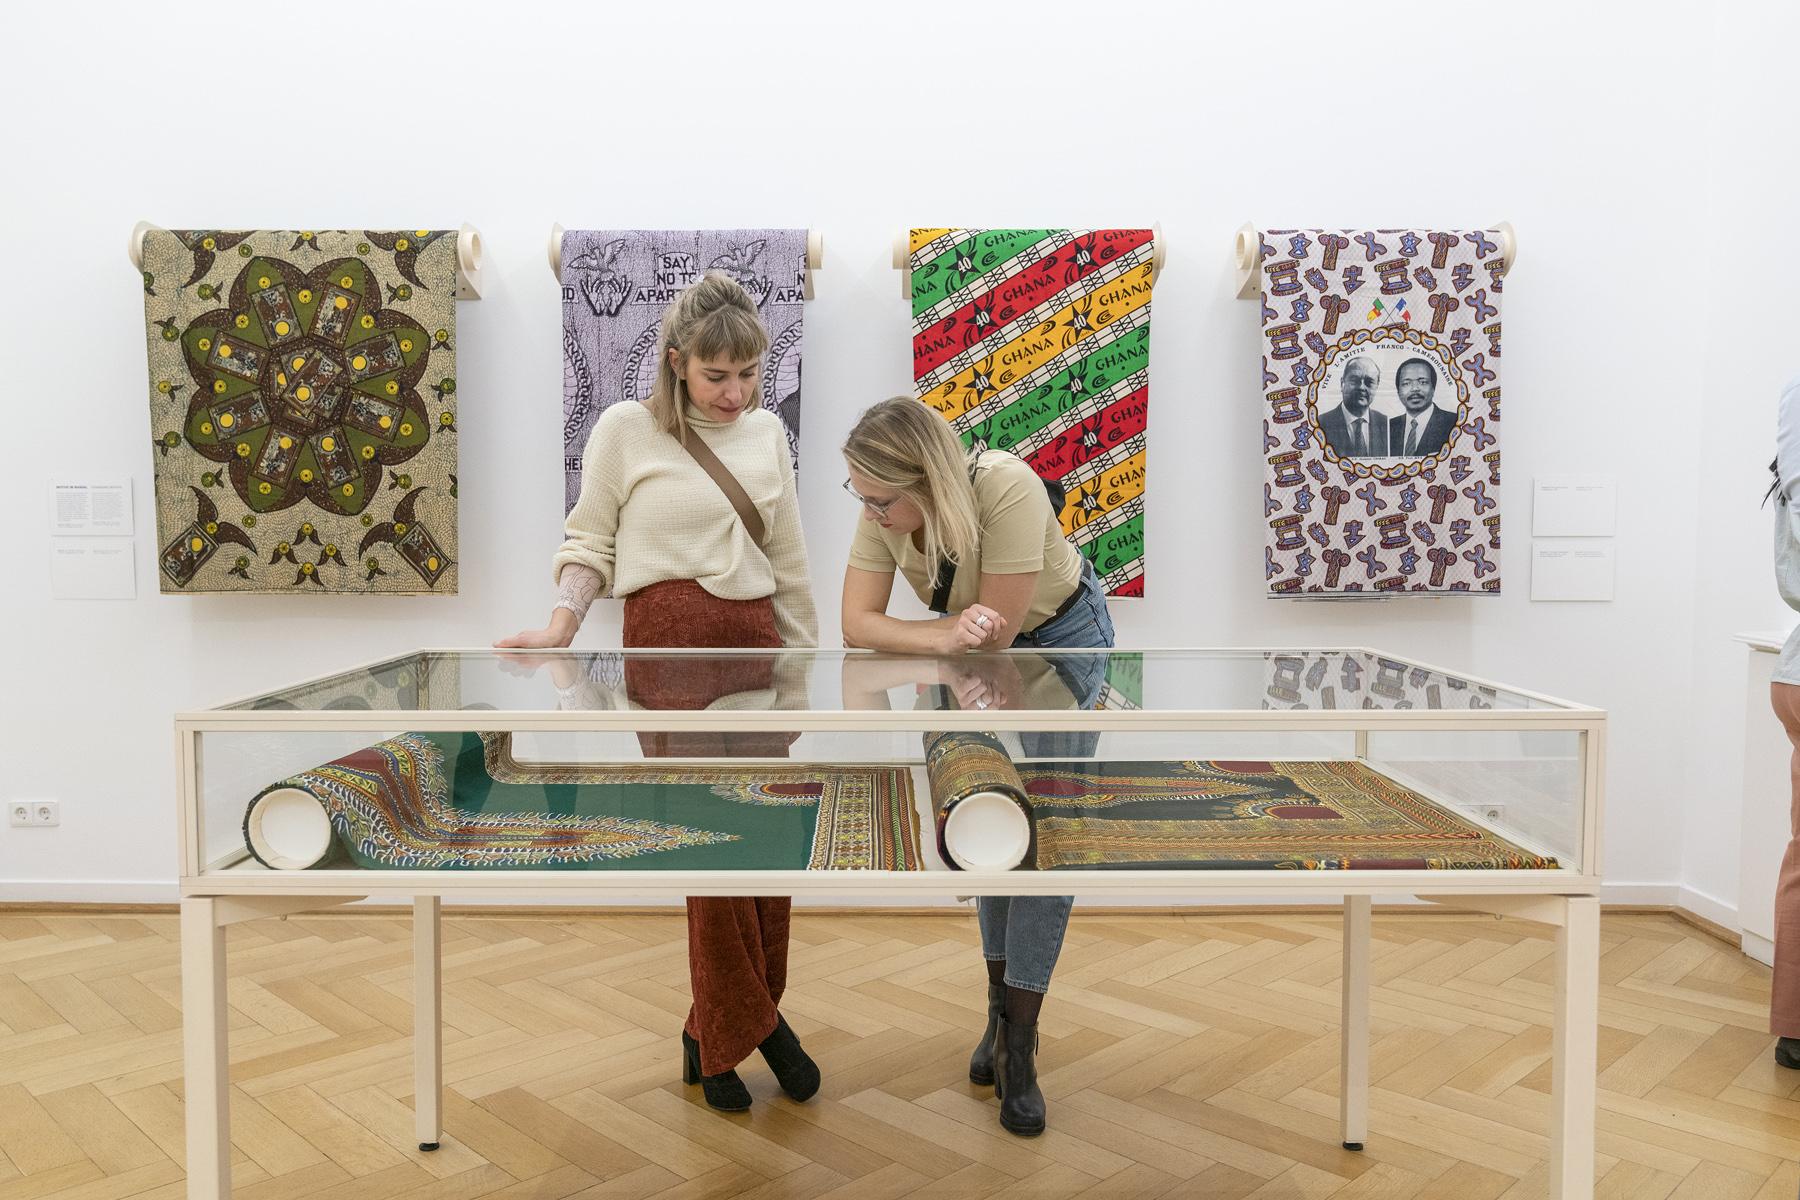 zwei Frauen stehen vor einer Vitrine, in der zwei Teppiche liegen